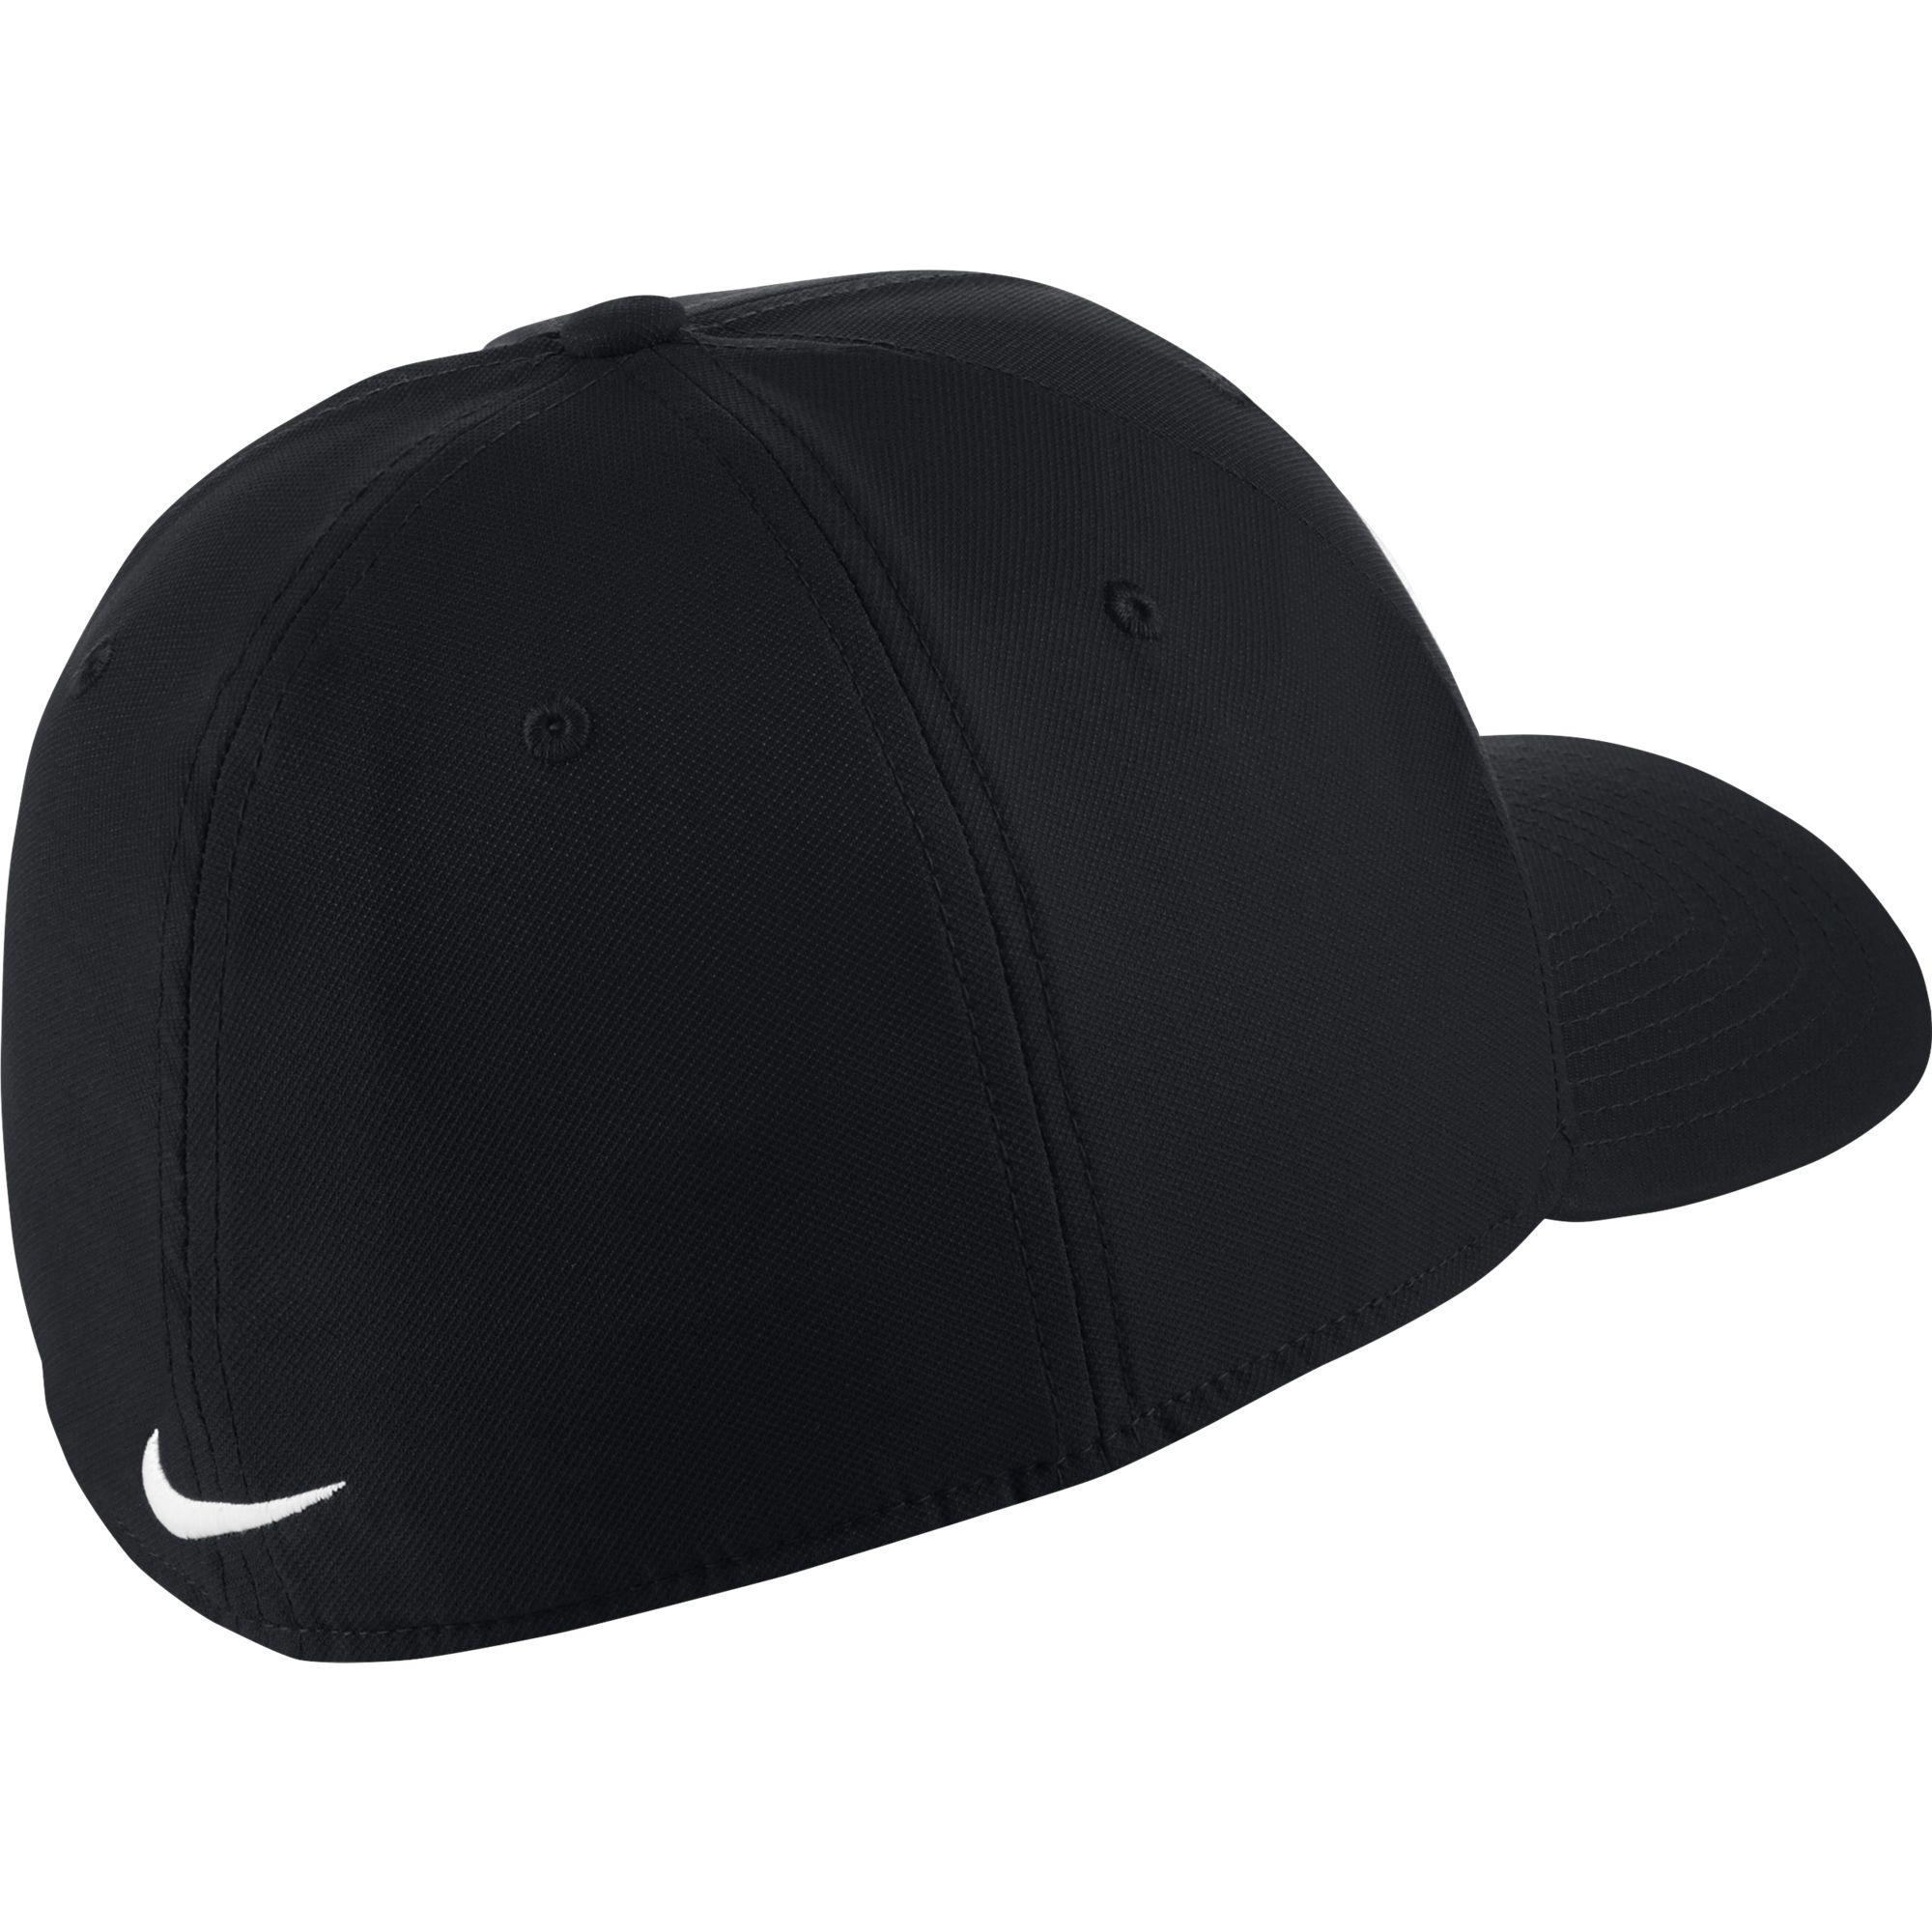 bdd47cf5e30f47 ... promo code for nike golf classic 99 swoosh flexfit fitted cap 56df0  b4d4f ...